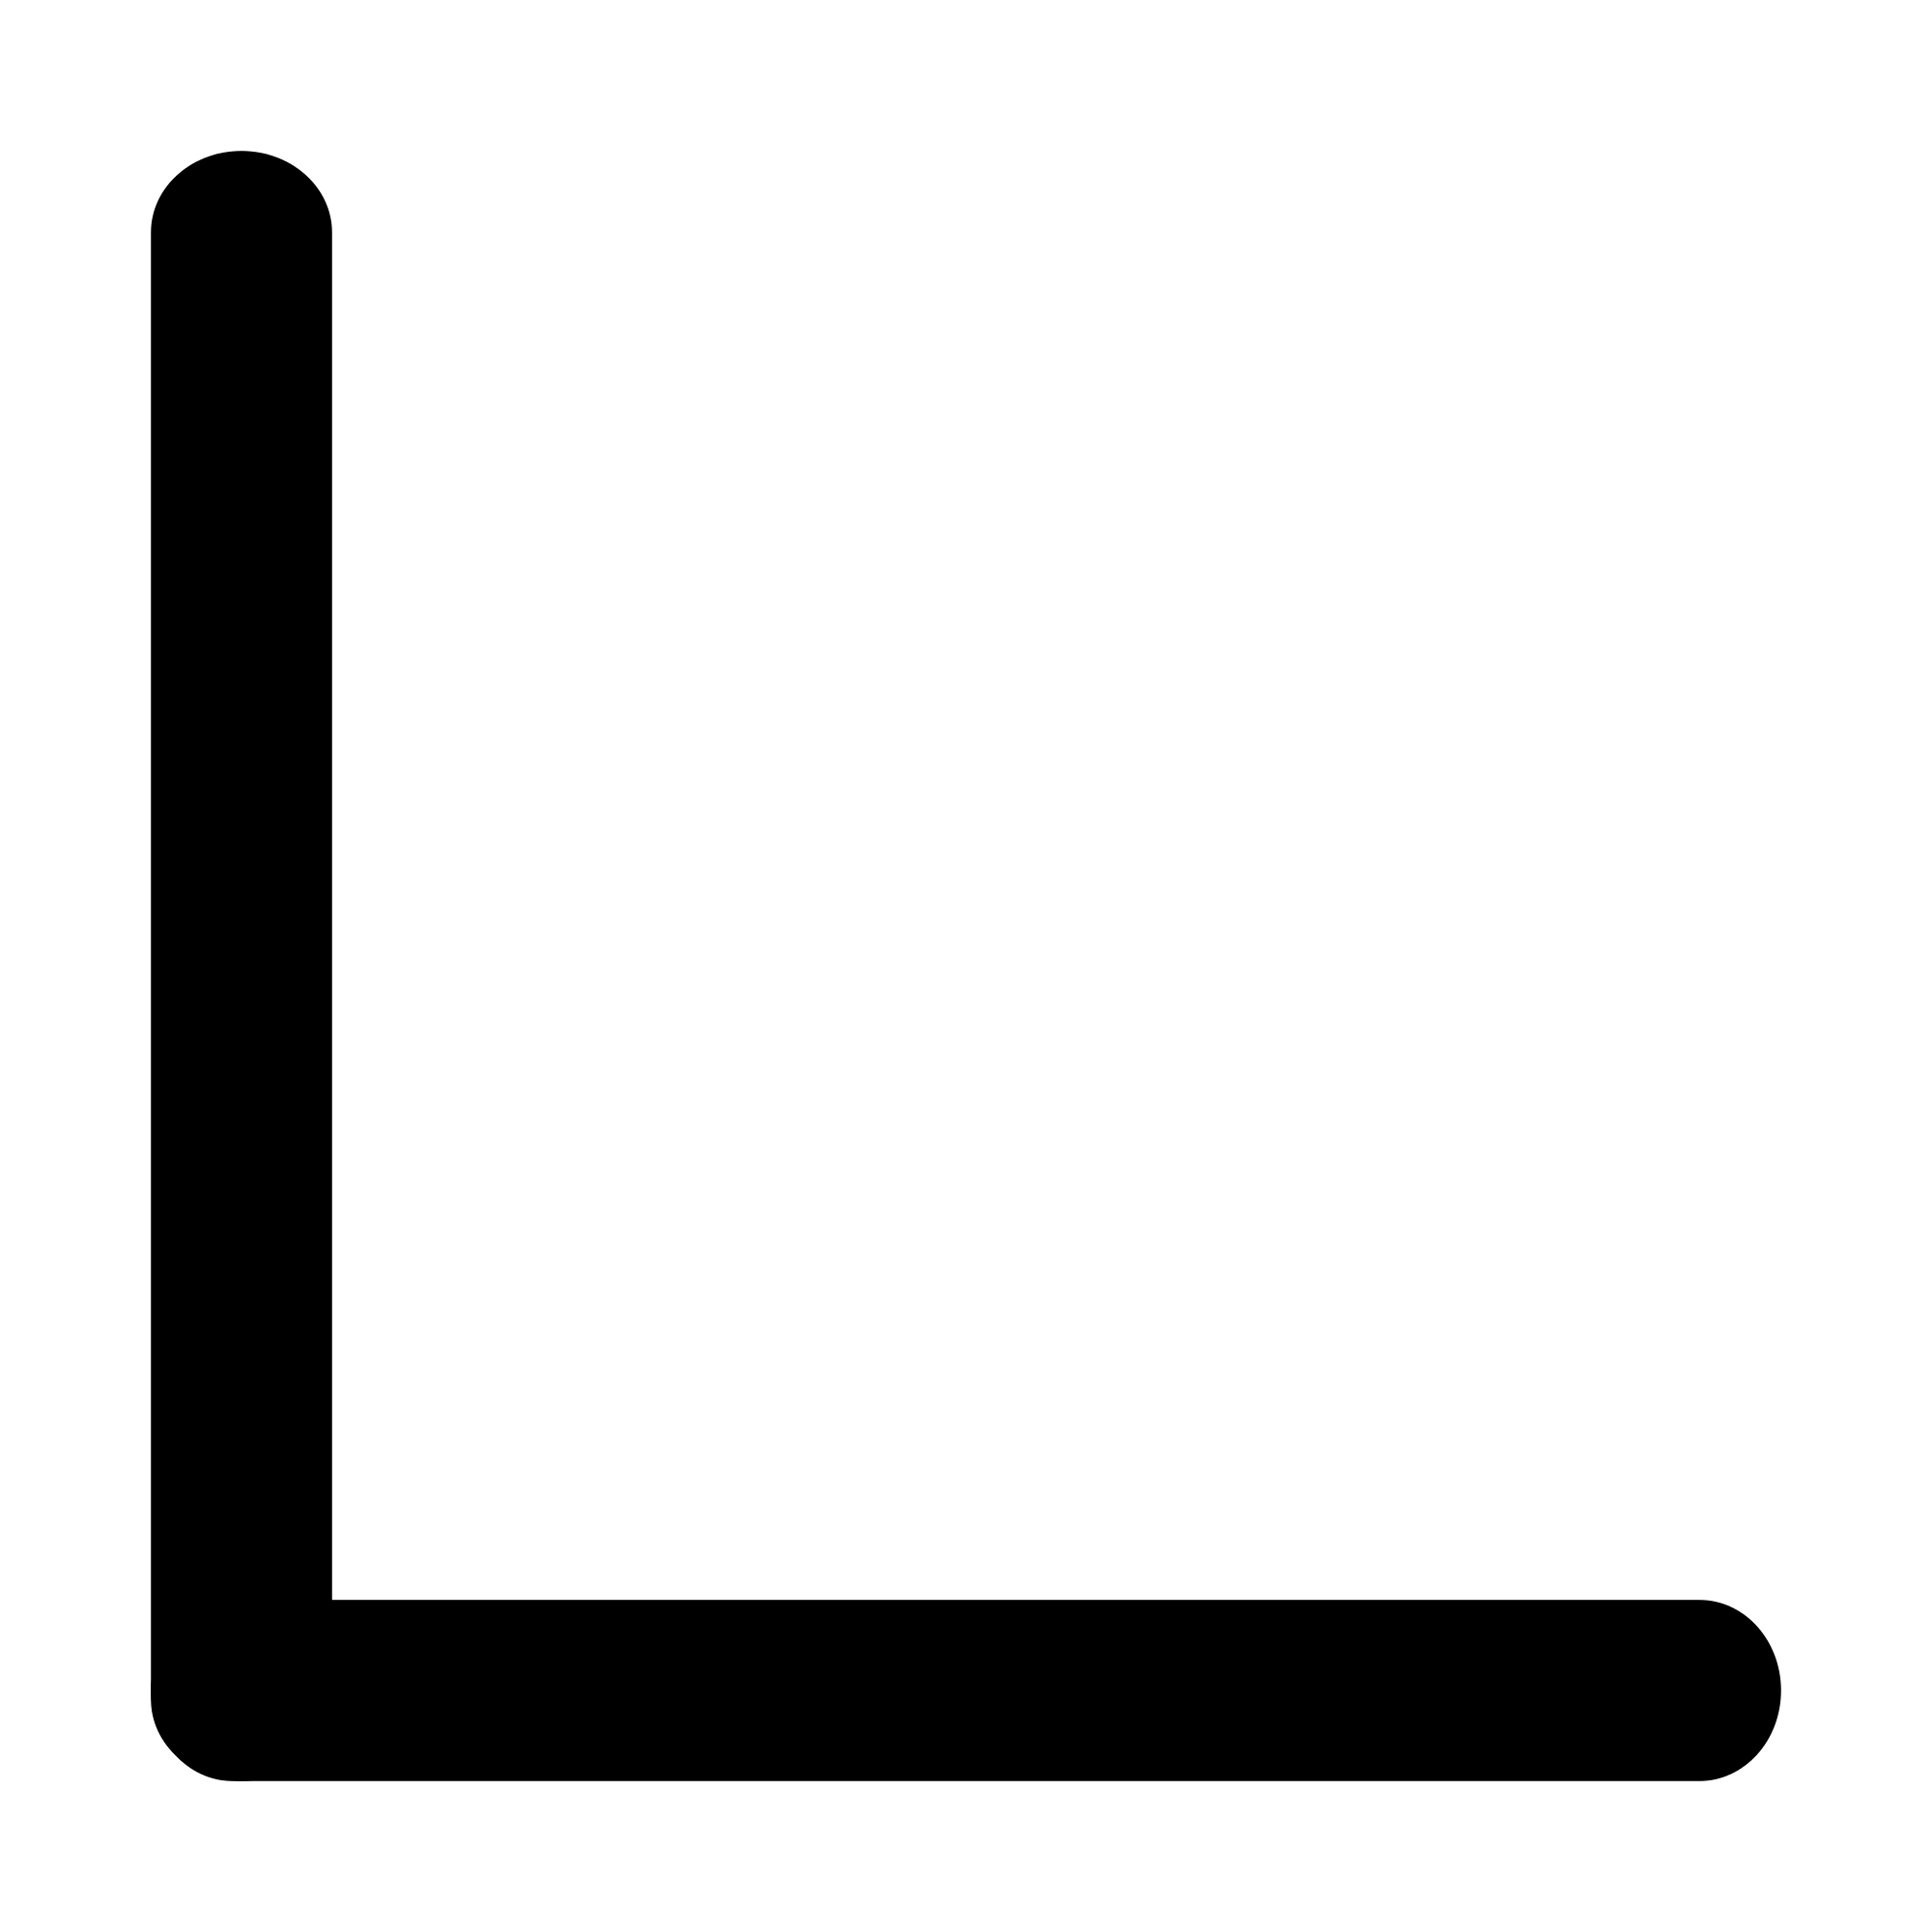 Letter L HD PNG - 95190